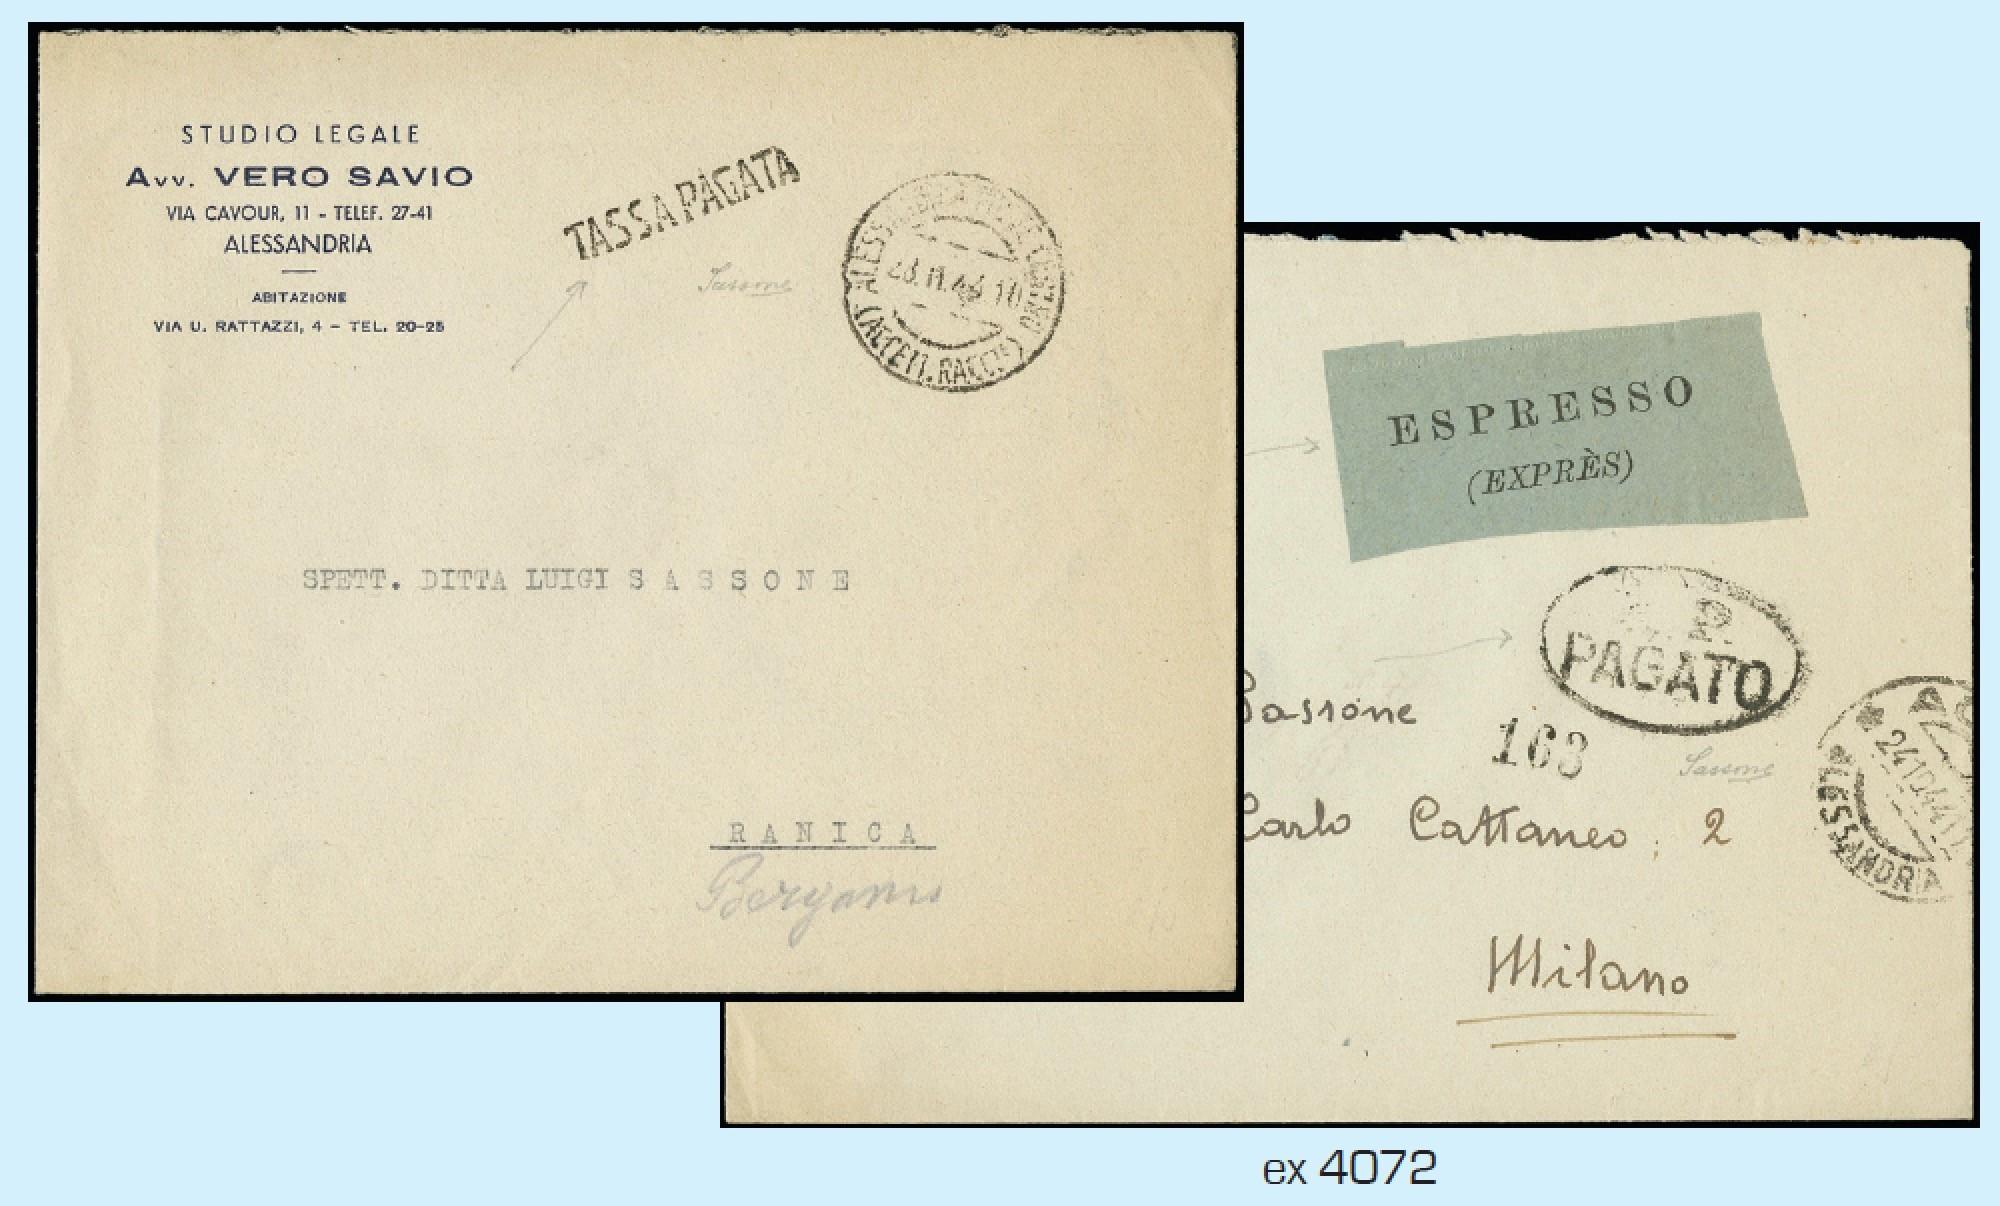 Lot 4072 - ITALIA RSI lotti e collezioni -  Zanaria Aste s.r.l. 9th Philatelic Auction